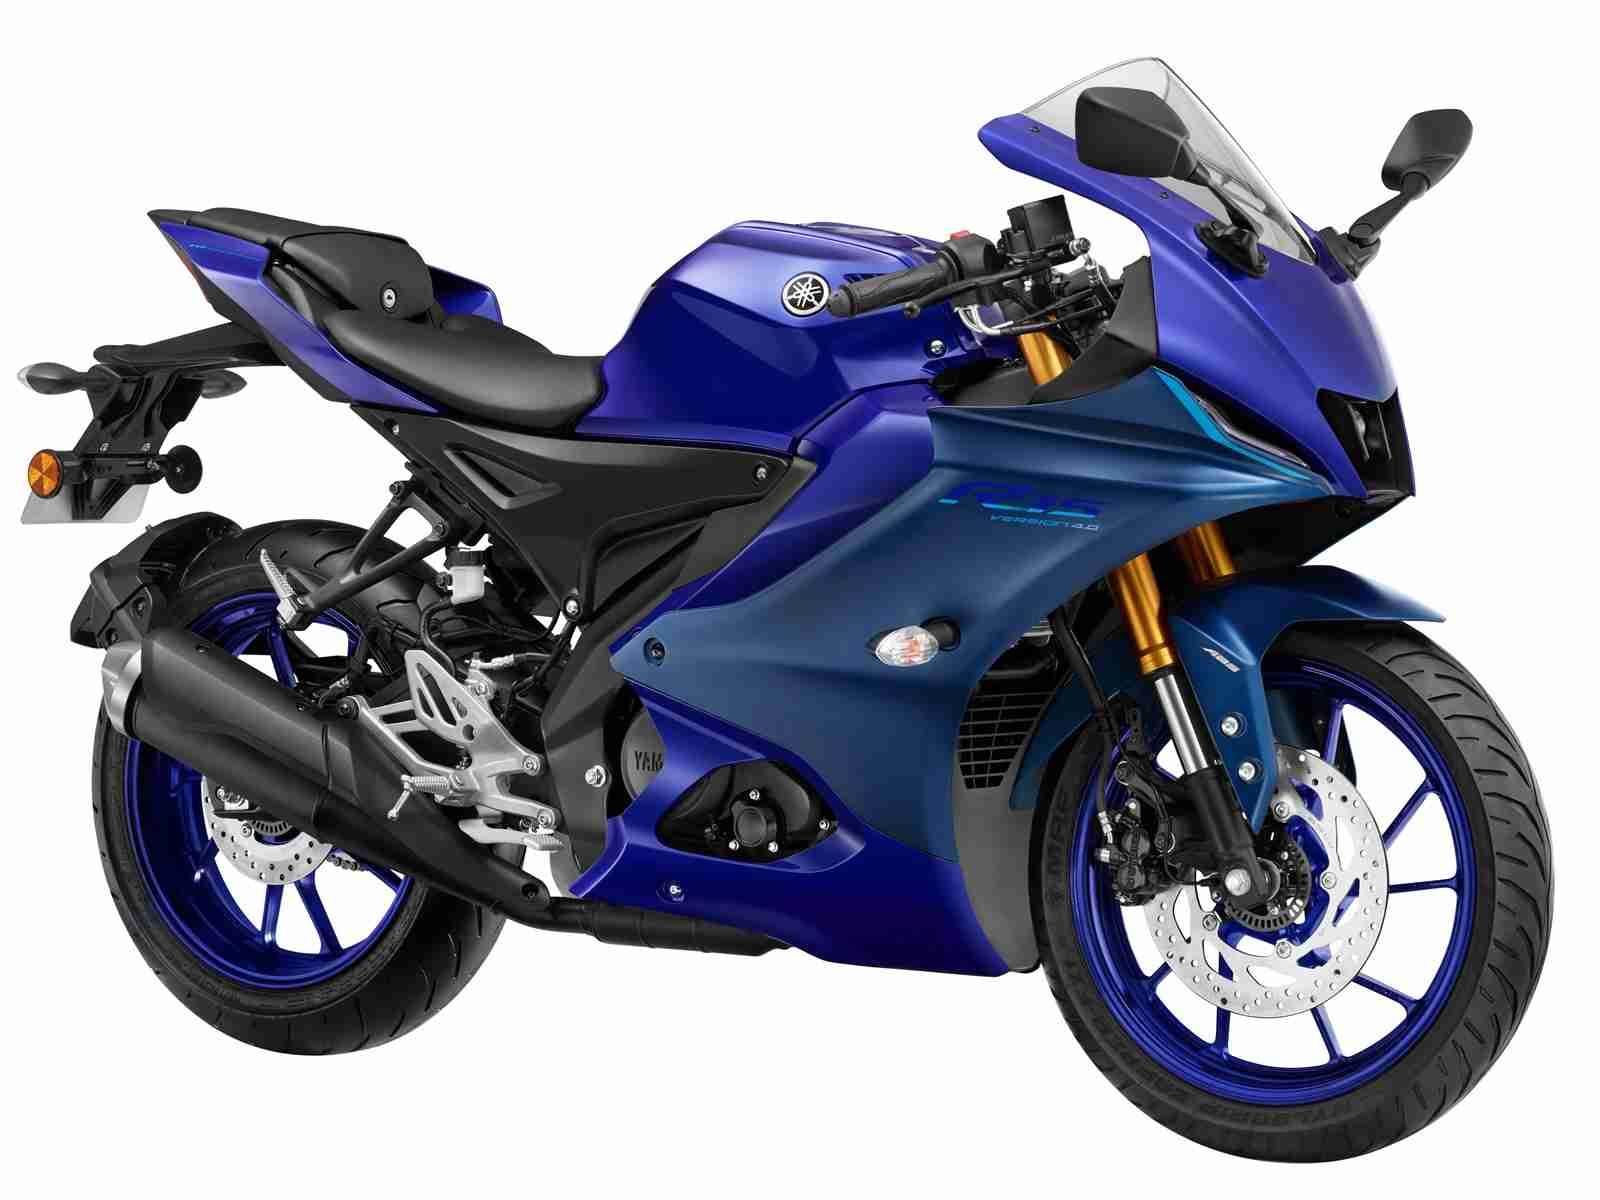 Racing Blue YZF-R15 V4 colour option